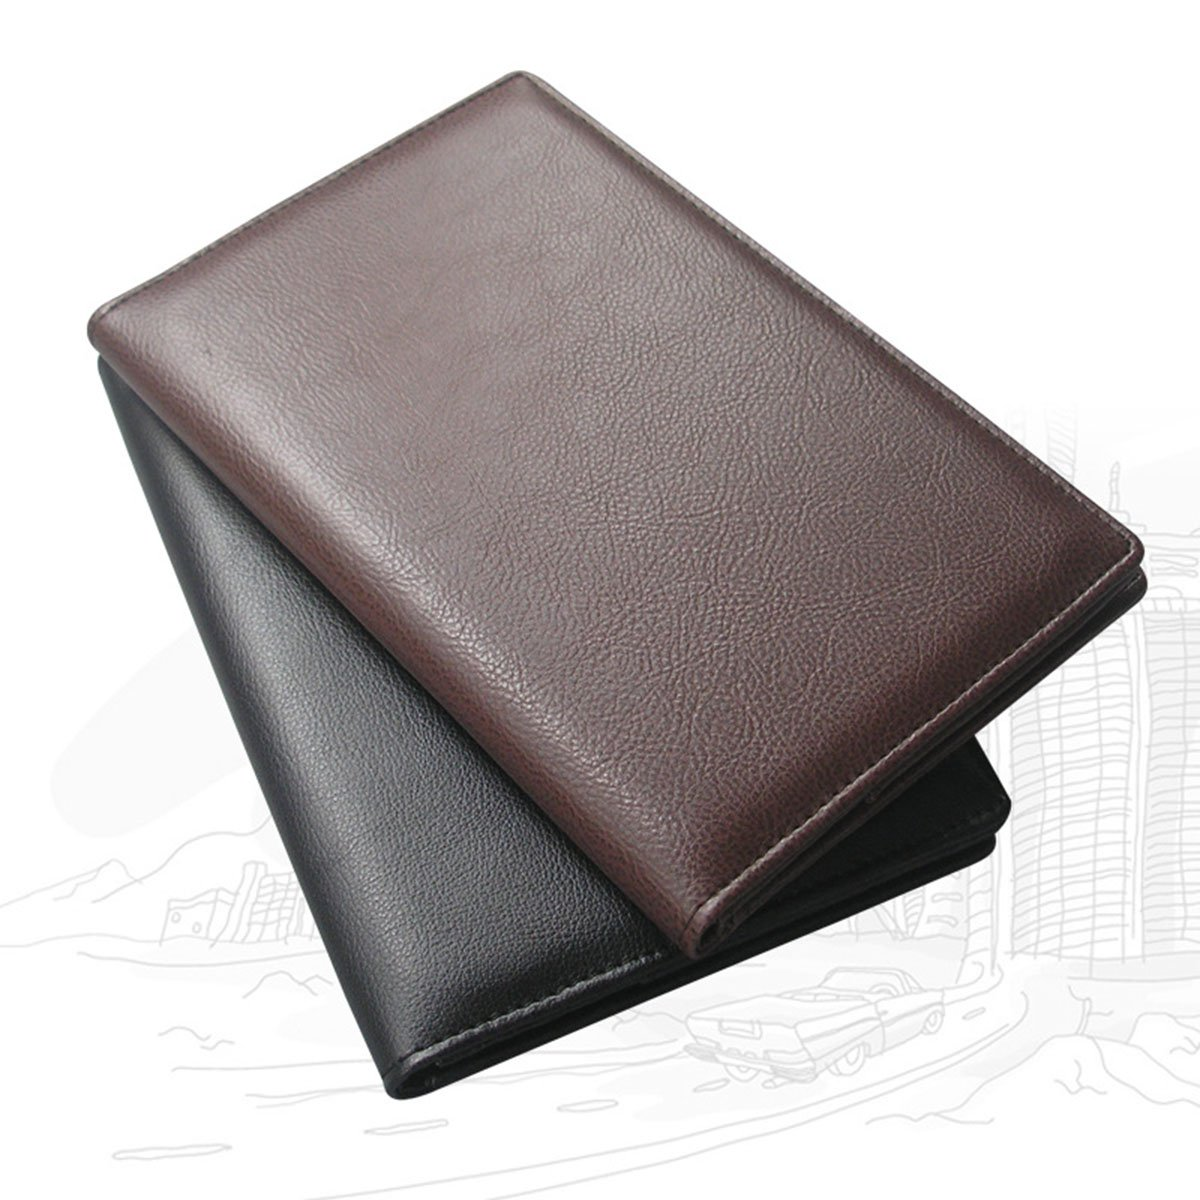 VORCOOL 1 Pcs Guest Check Book Holder Money Pocket, Waiter Book Server Wallet Restaurant Menu Covers Holders Fit Server Apron (A067 Black)